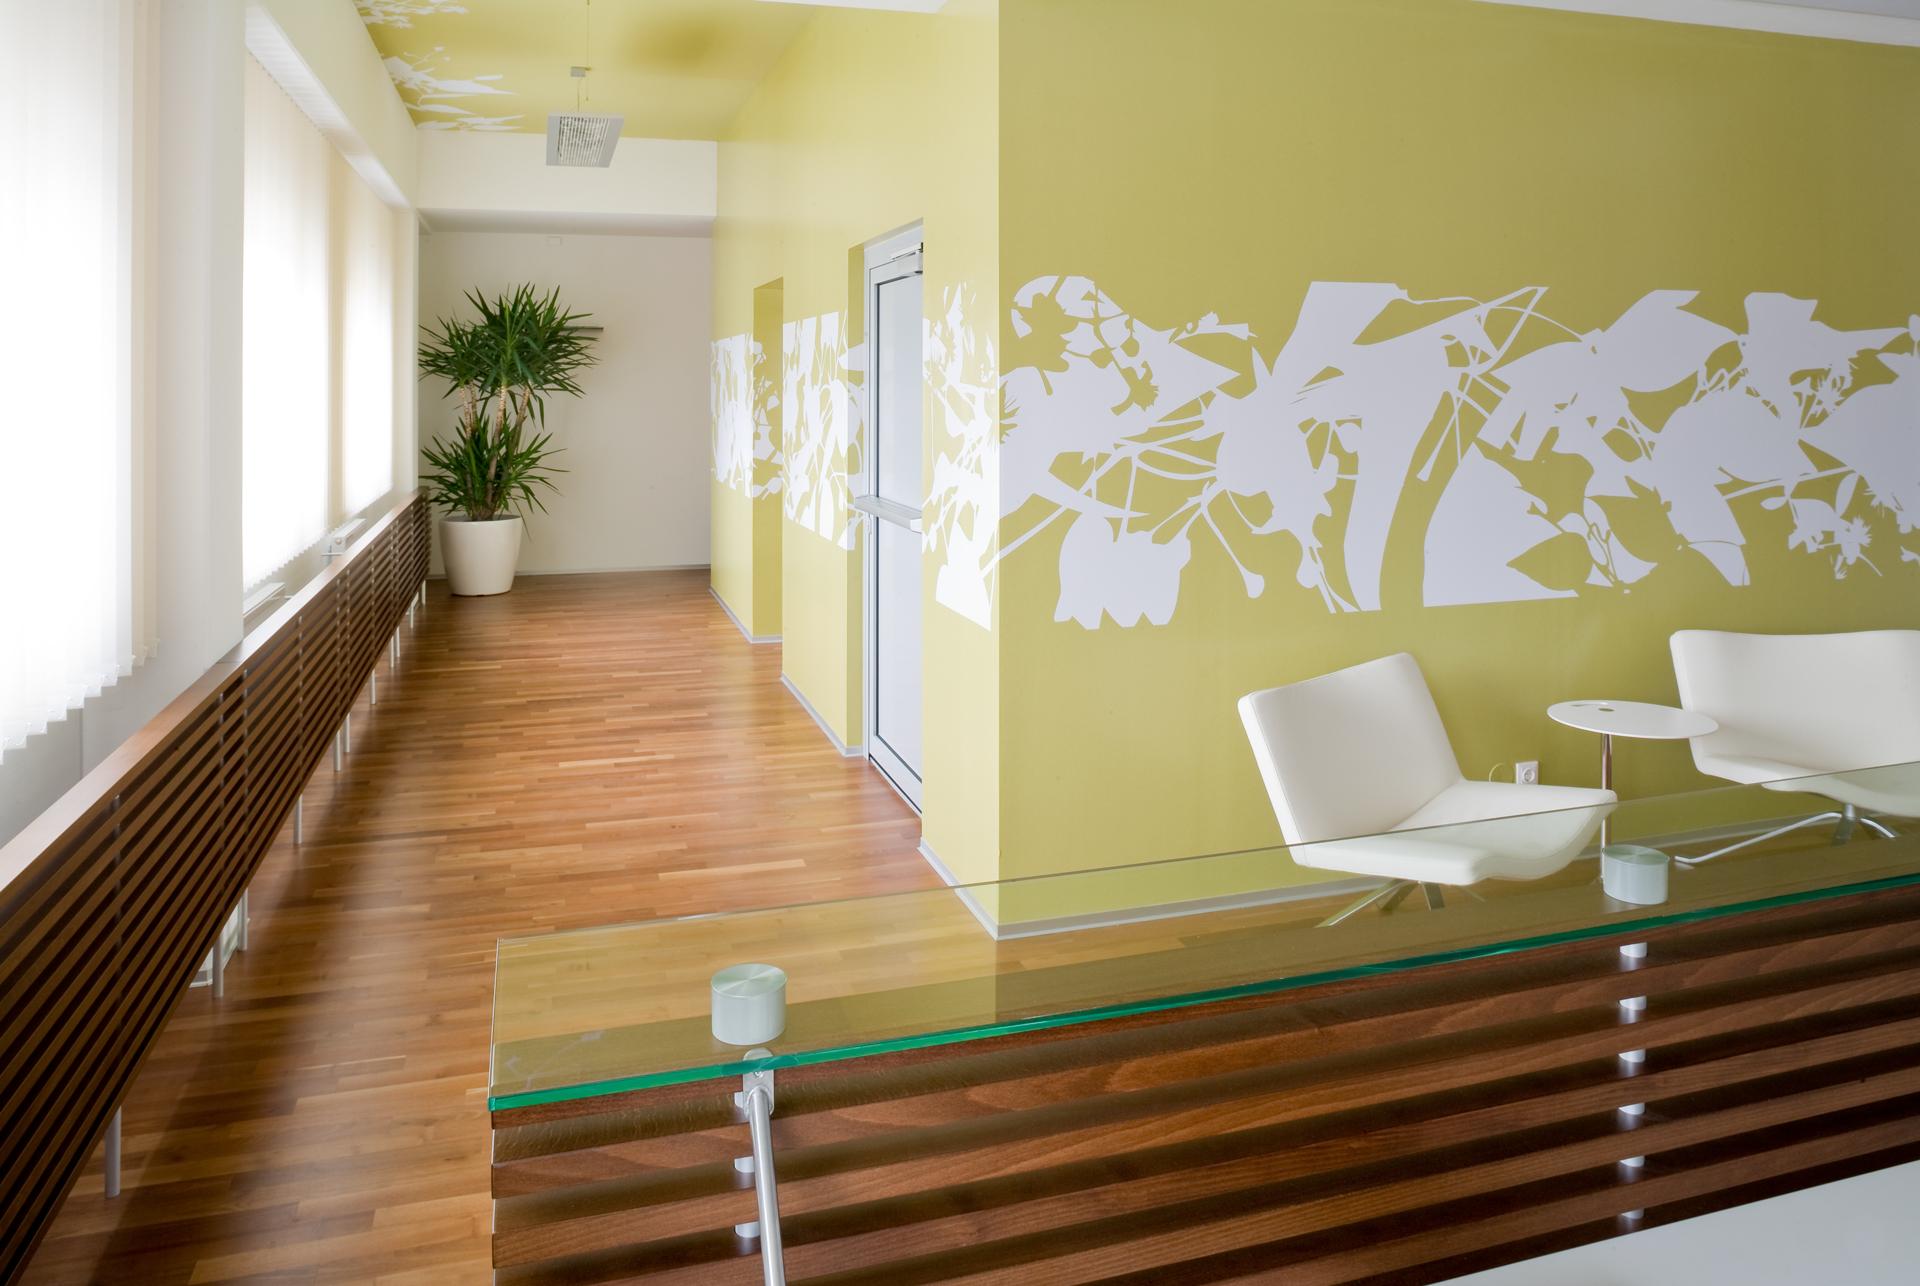 Empfangsbereich und Gang bei PWB Wirtschaftsprüfungs- und Steuerberatungs GmbH. designed von Studio Thörnblom